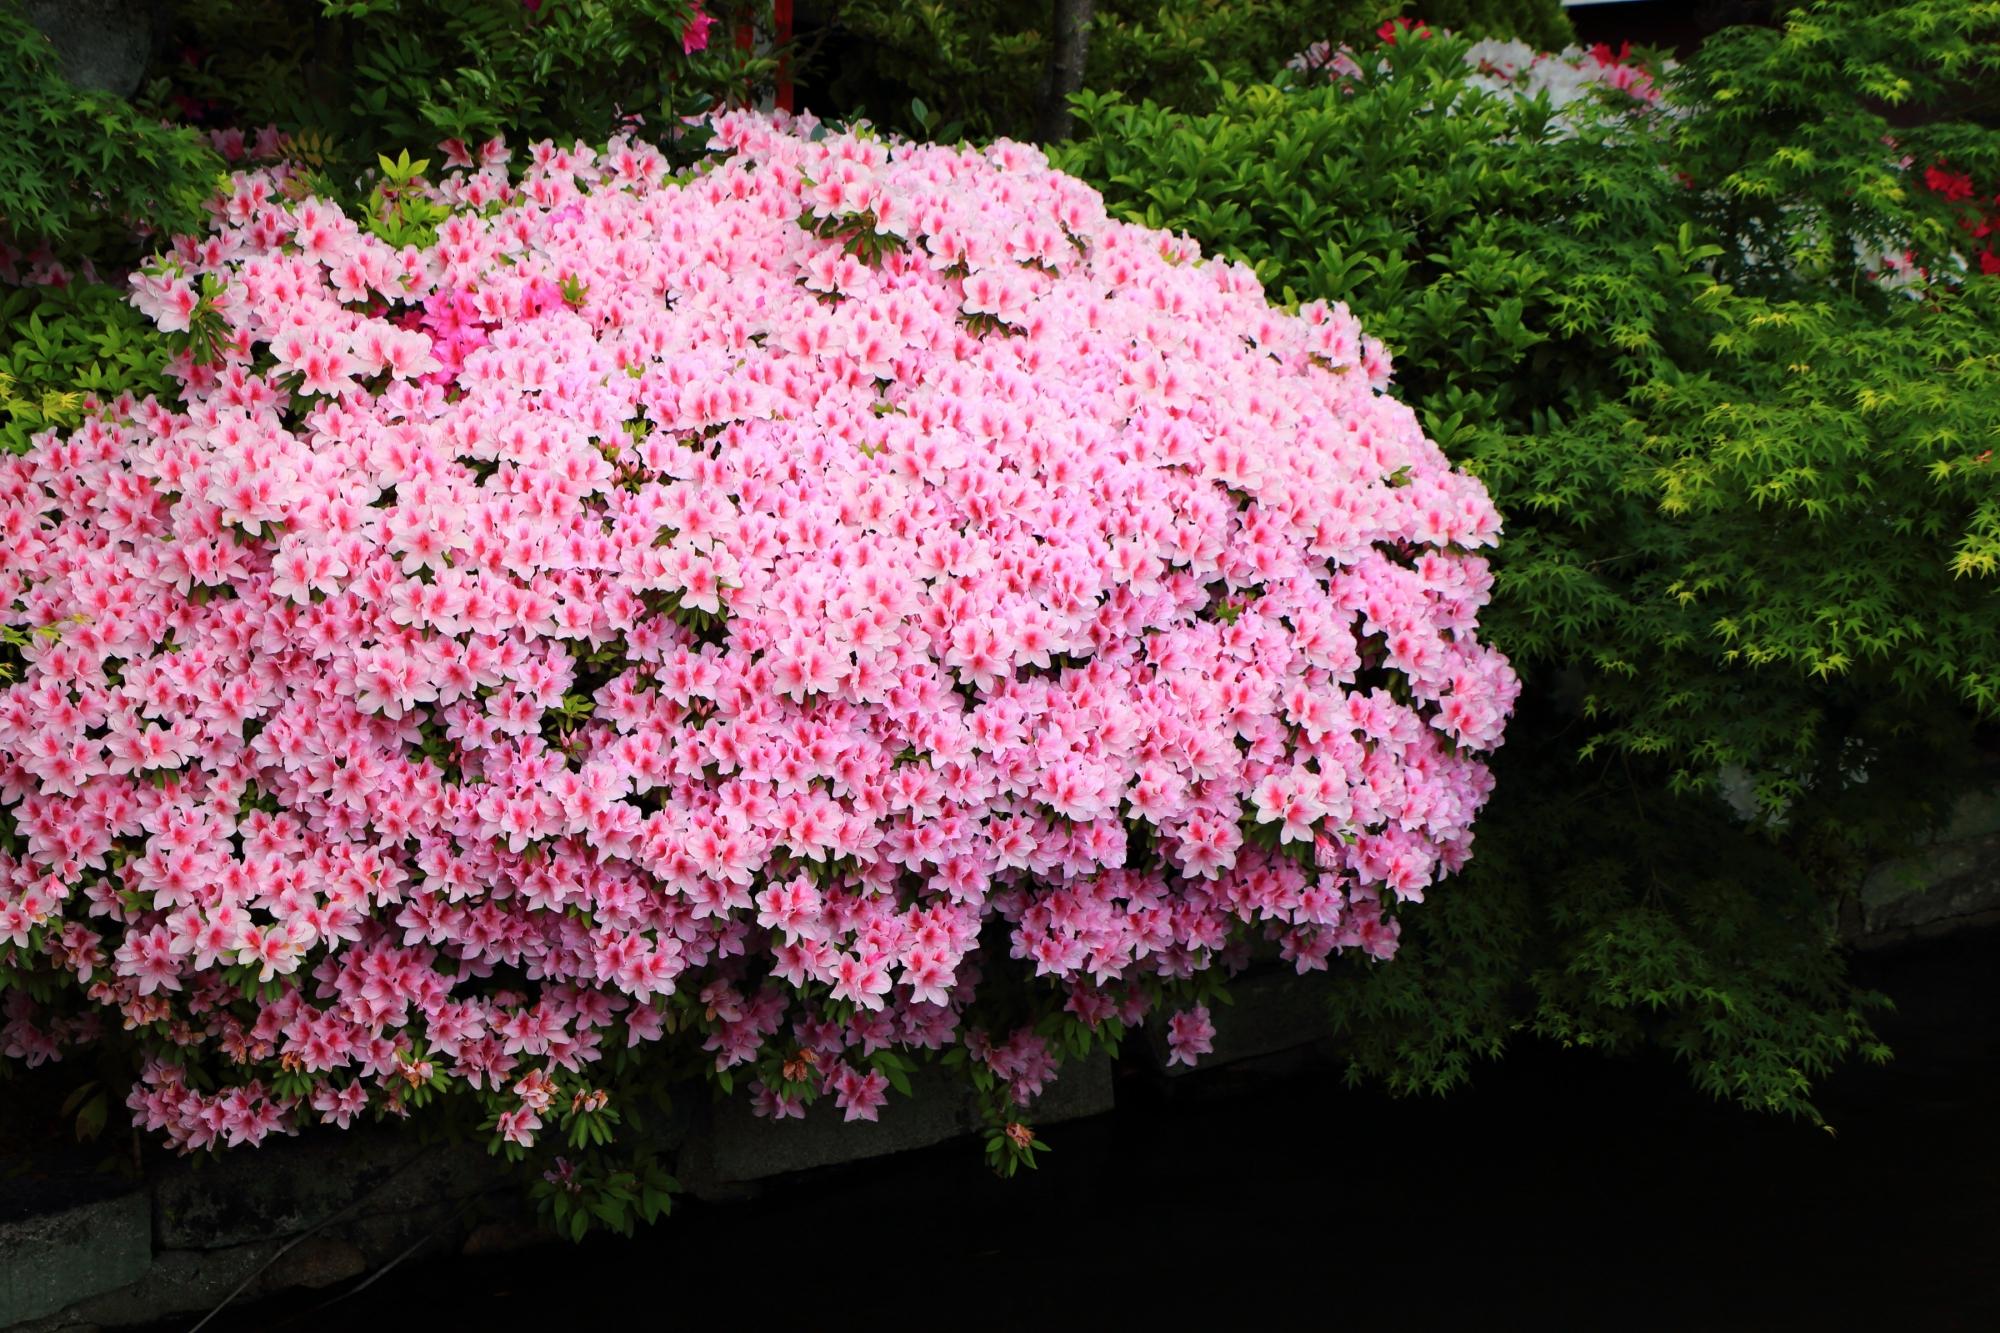 溢れんばかりに咲き誇る華やかなピンクのツツジ